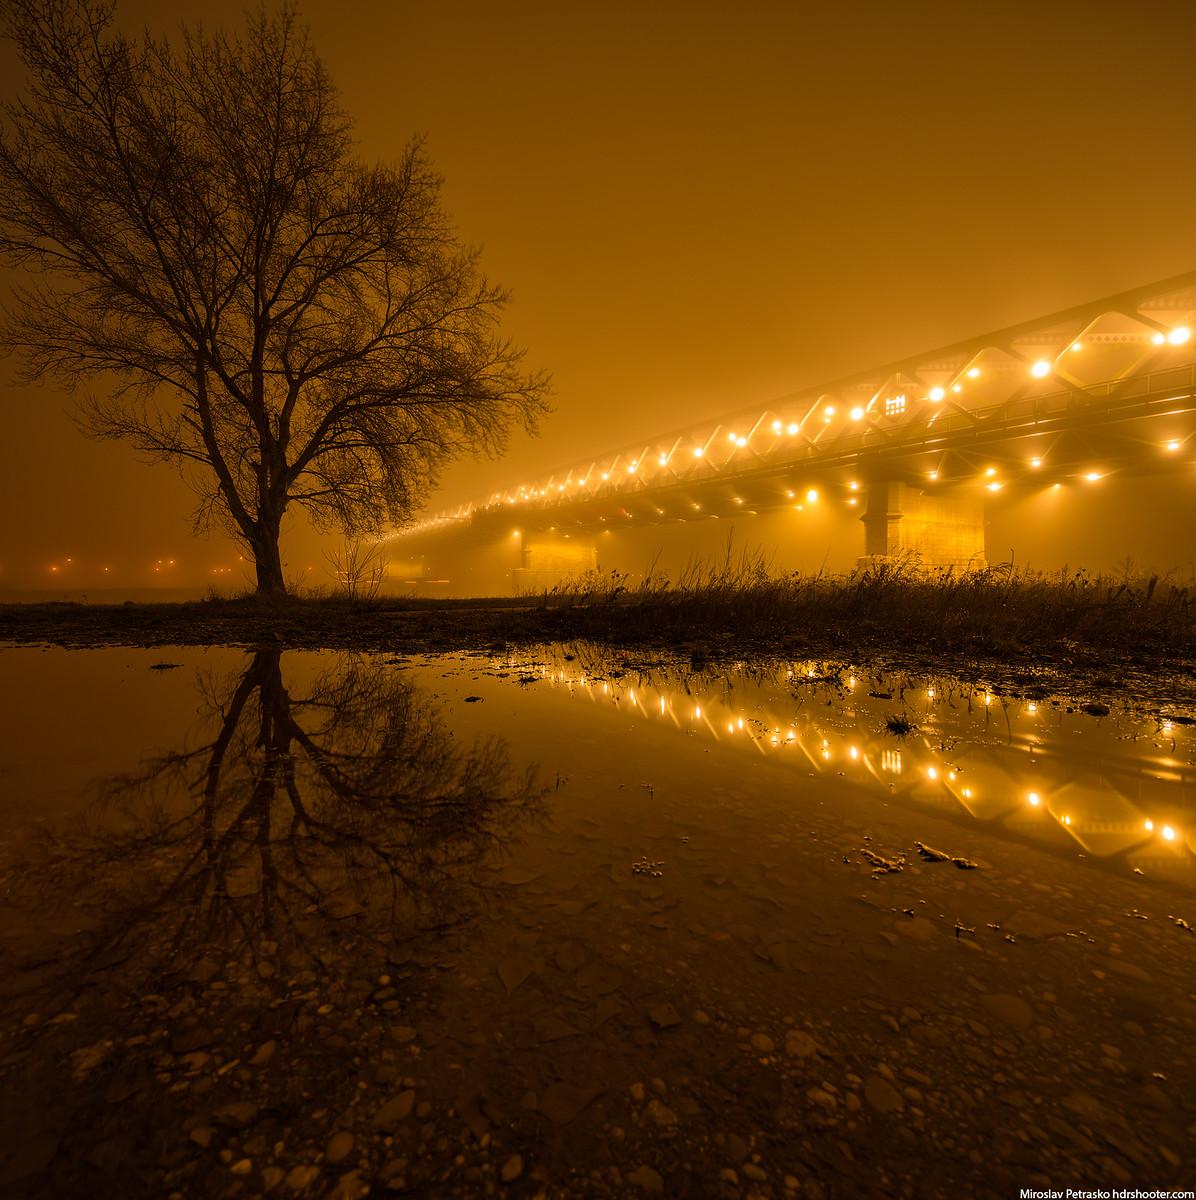 Midnight reflection, Bratislava, Slovakia